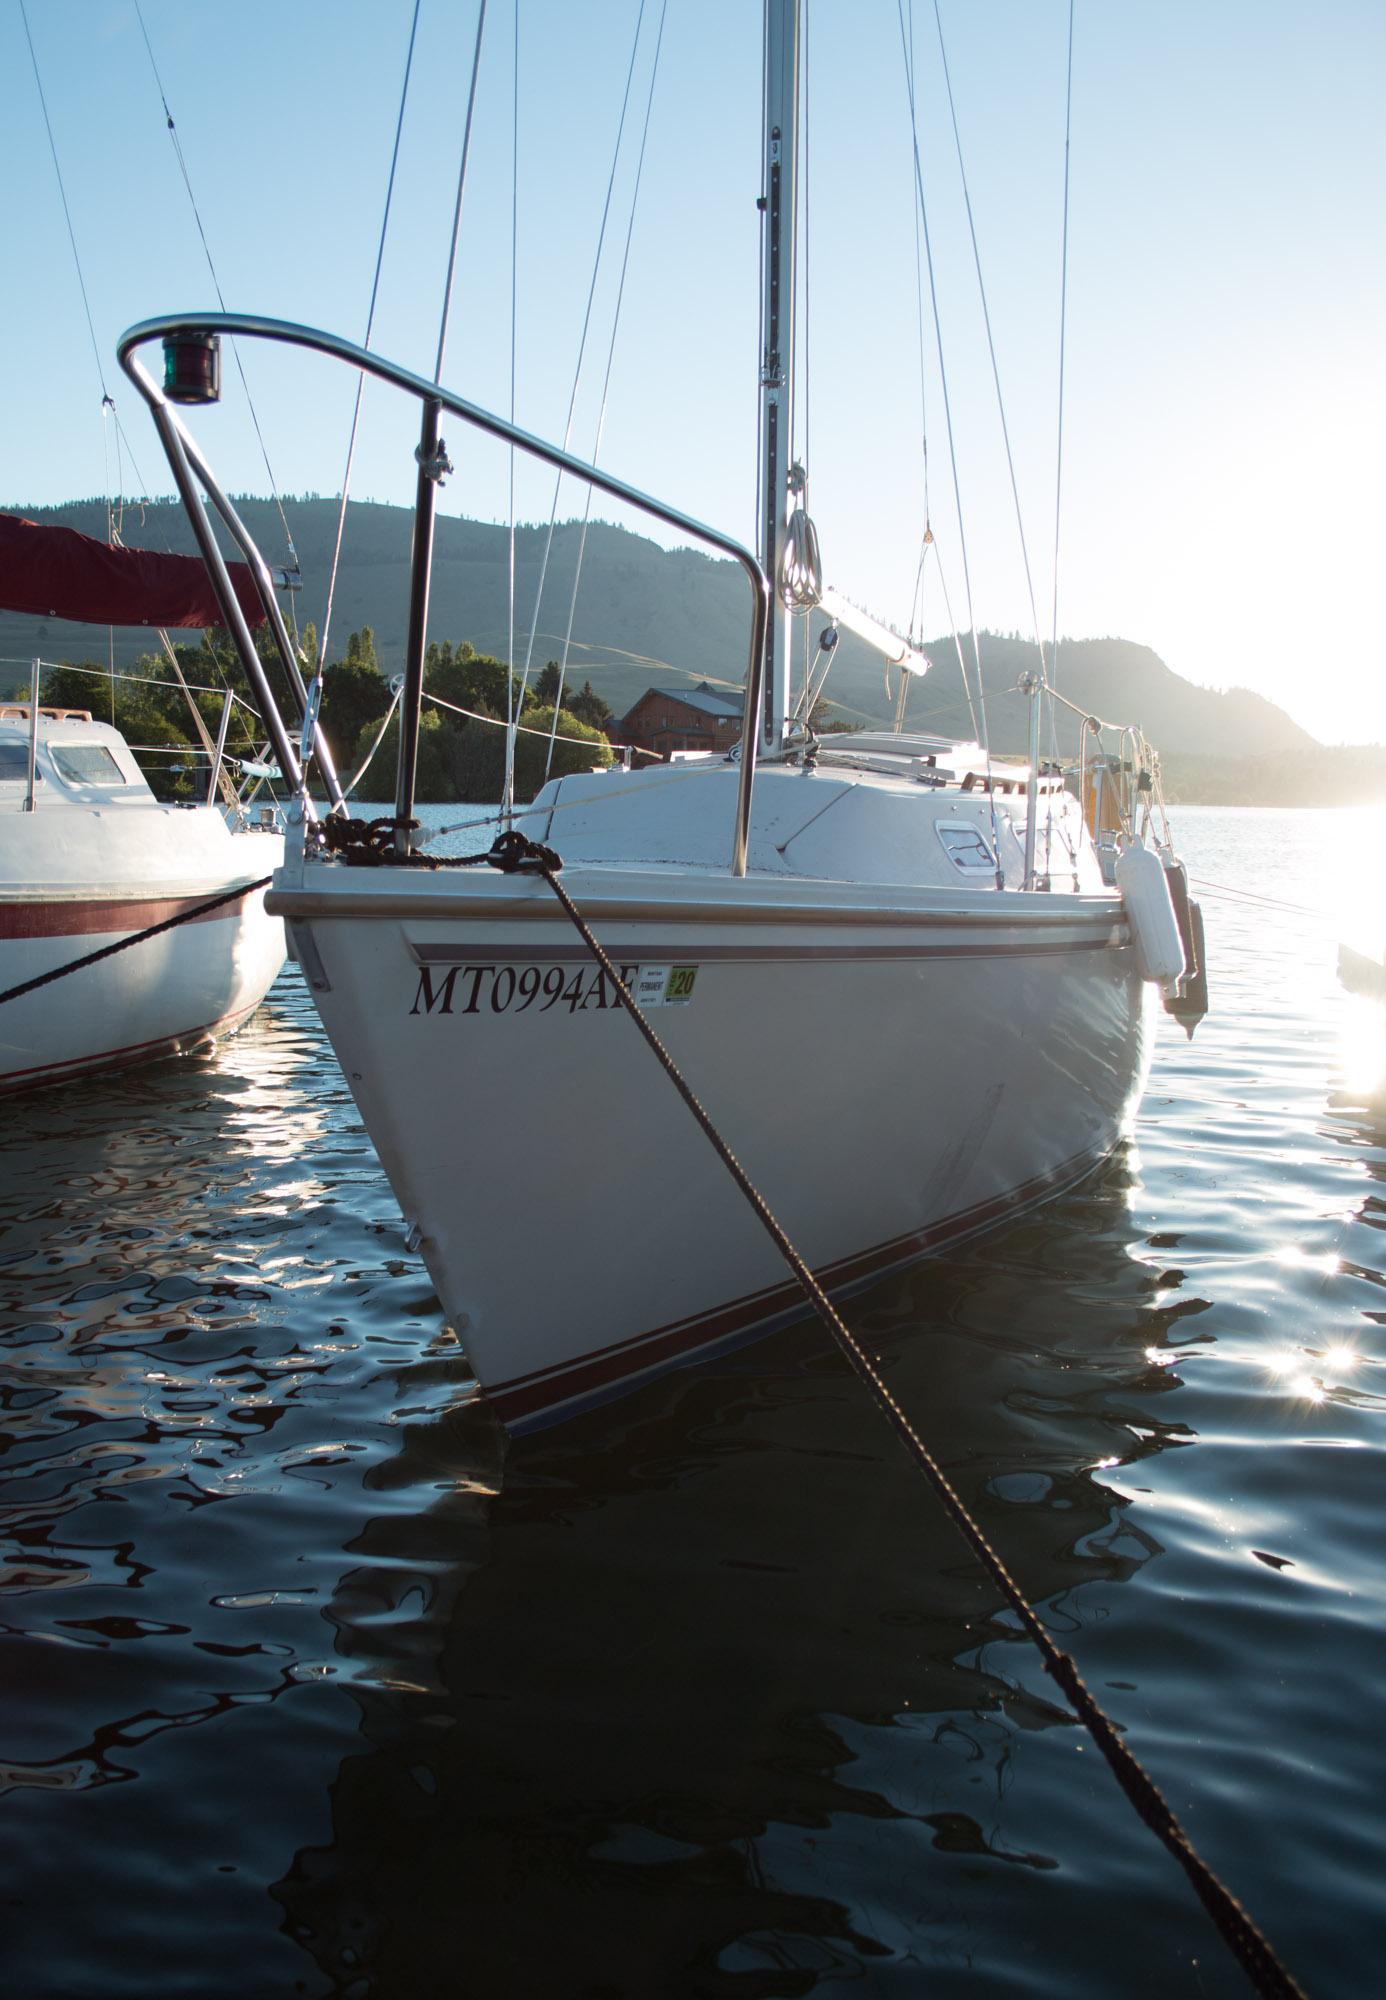 dayton boat